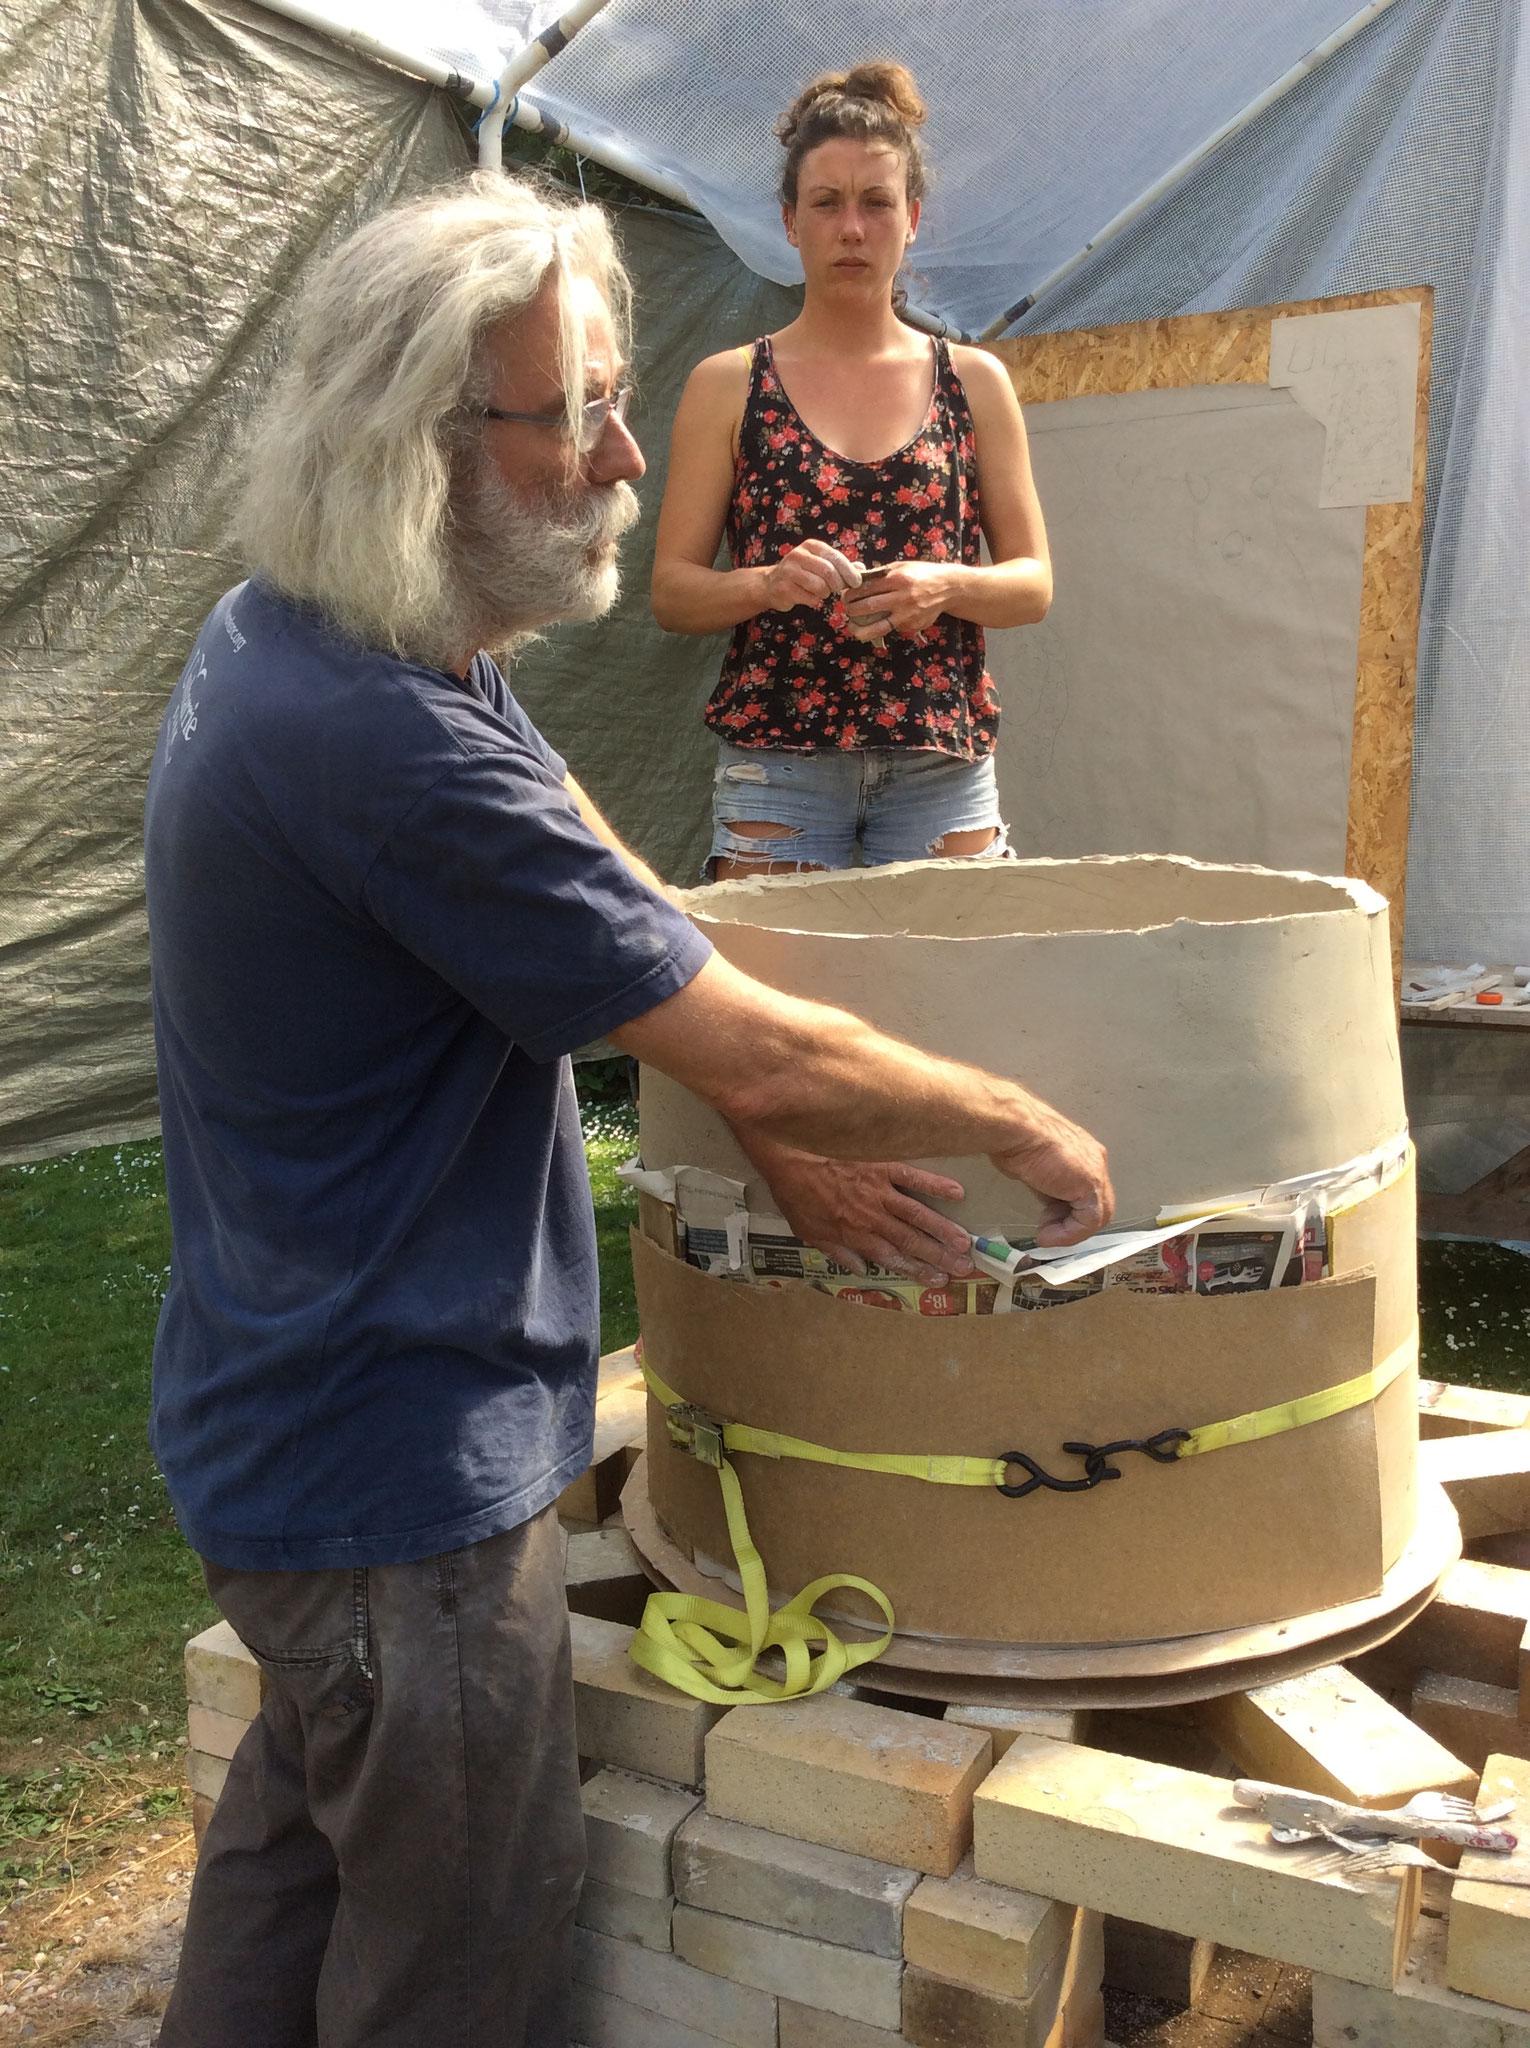 Andres Allik und Hattie Thomas beim Bau der Feuerskulptur